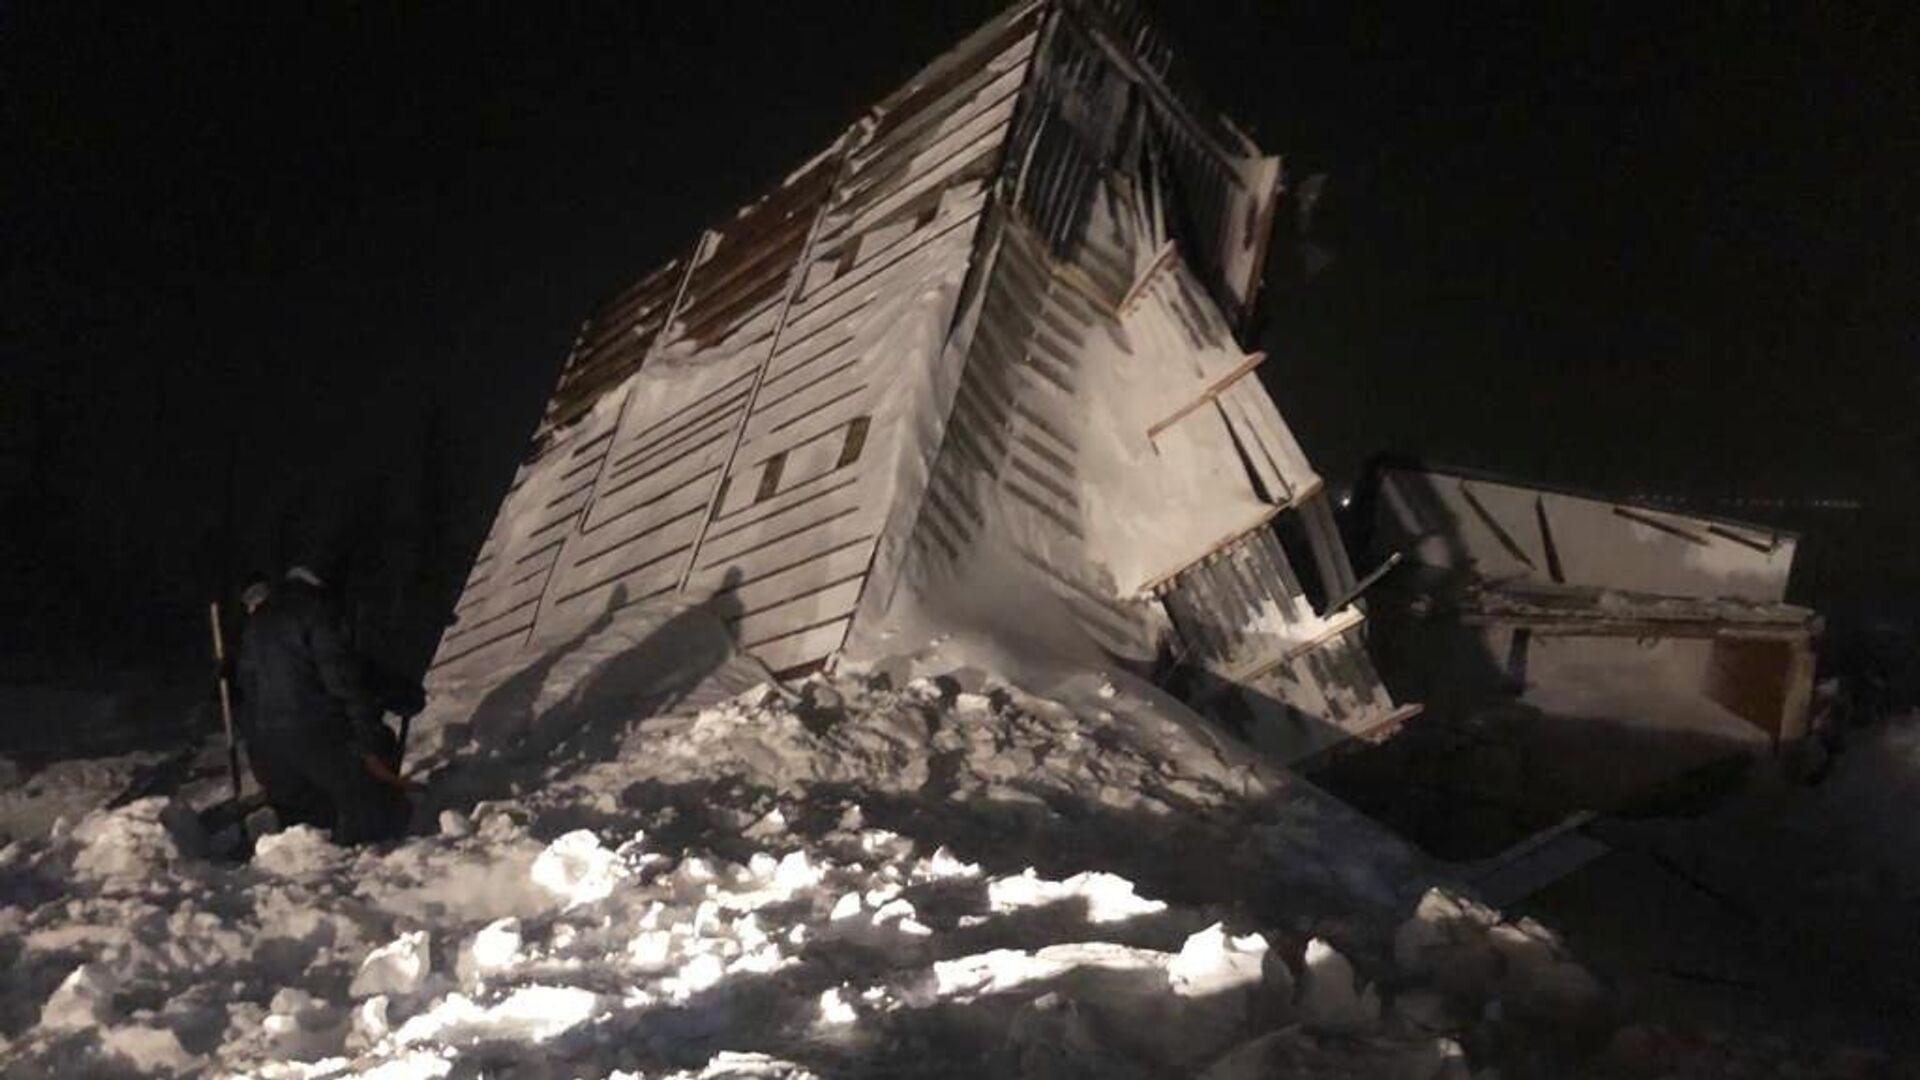 Дом, разрушенный в результате схода лавины в районе горнолыжного комплекса Гора Отдельная в Норильске - РИА Новости, 1920, 12.01.2021